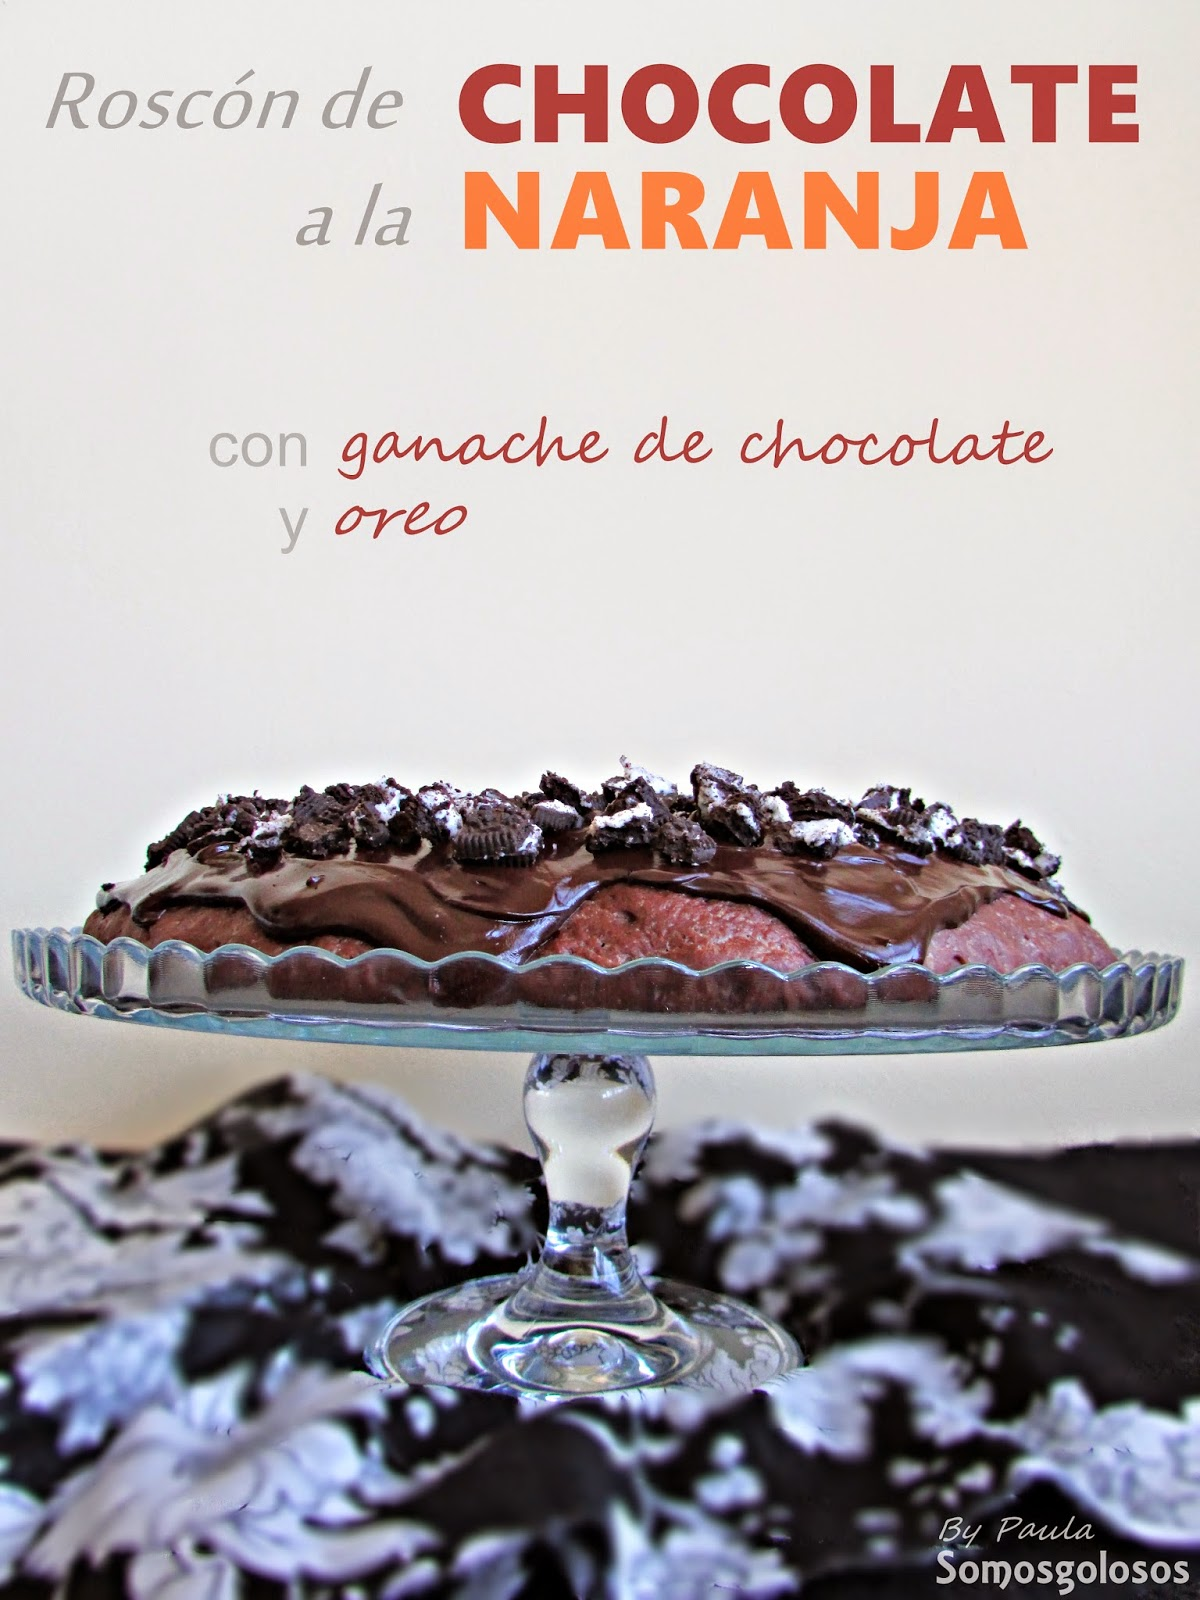 Roscón de chocolate a la naranja con ganache de chocolate y oreo